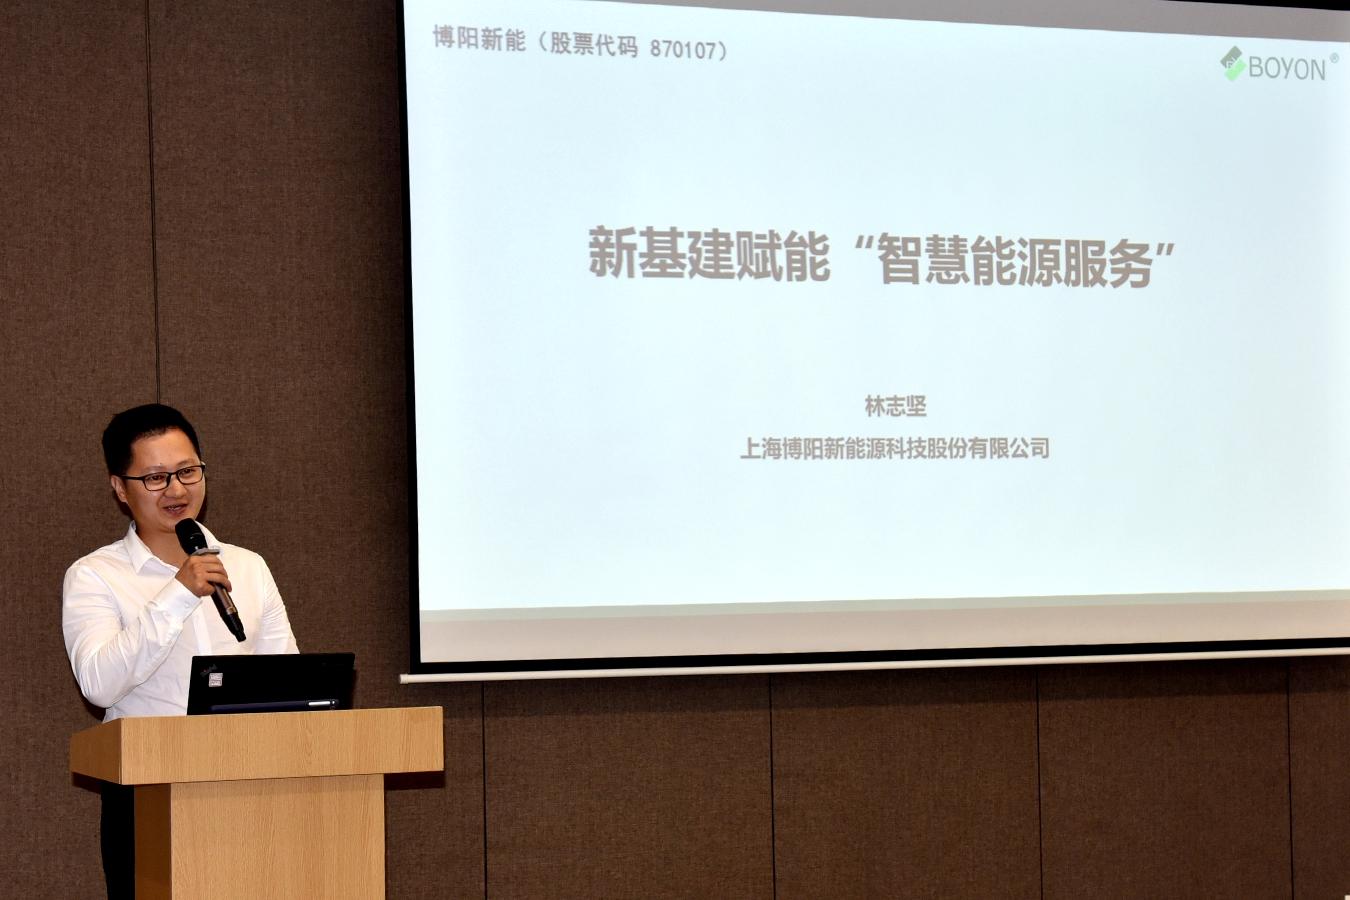 """博阳新能亮相""""长三角G60科创走廊新基建产业沙龙活动"""""""